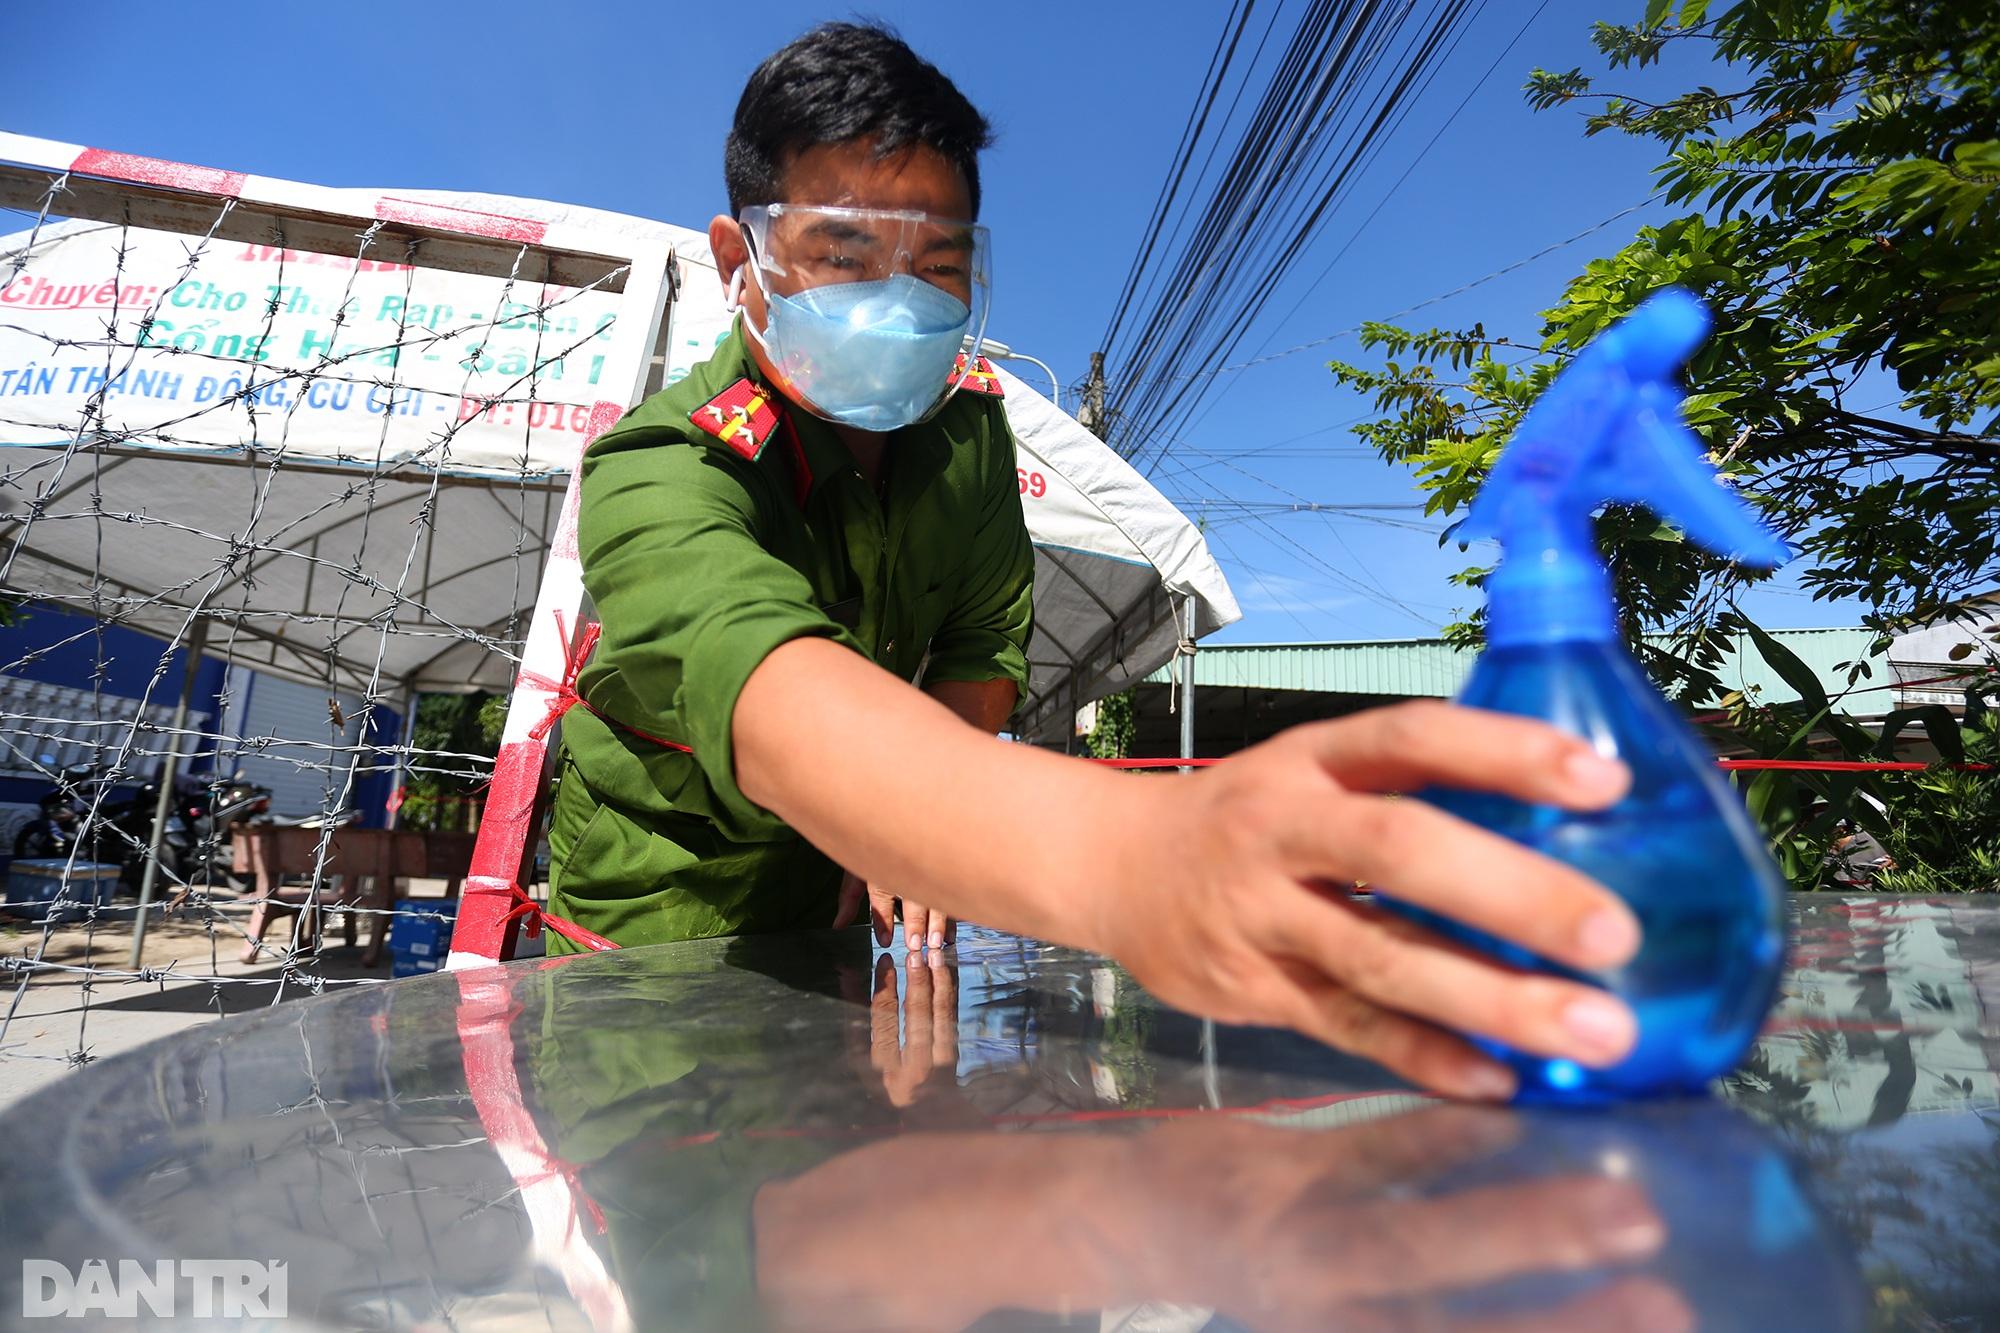 Phong tỏa ổ dịch có 16 ca nhiễm SARS-CoV-2 trong khu hơn 1.000 dân ở Củ Chi - 8